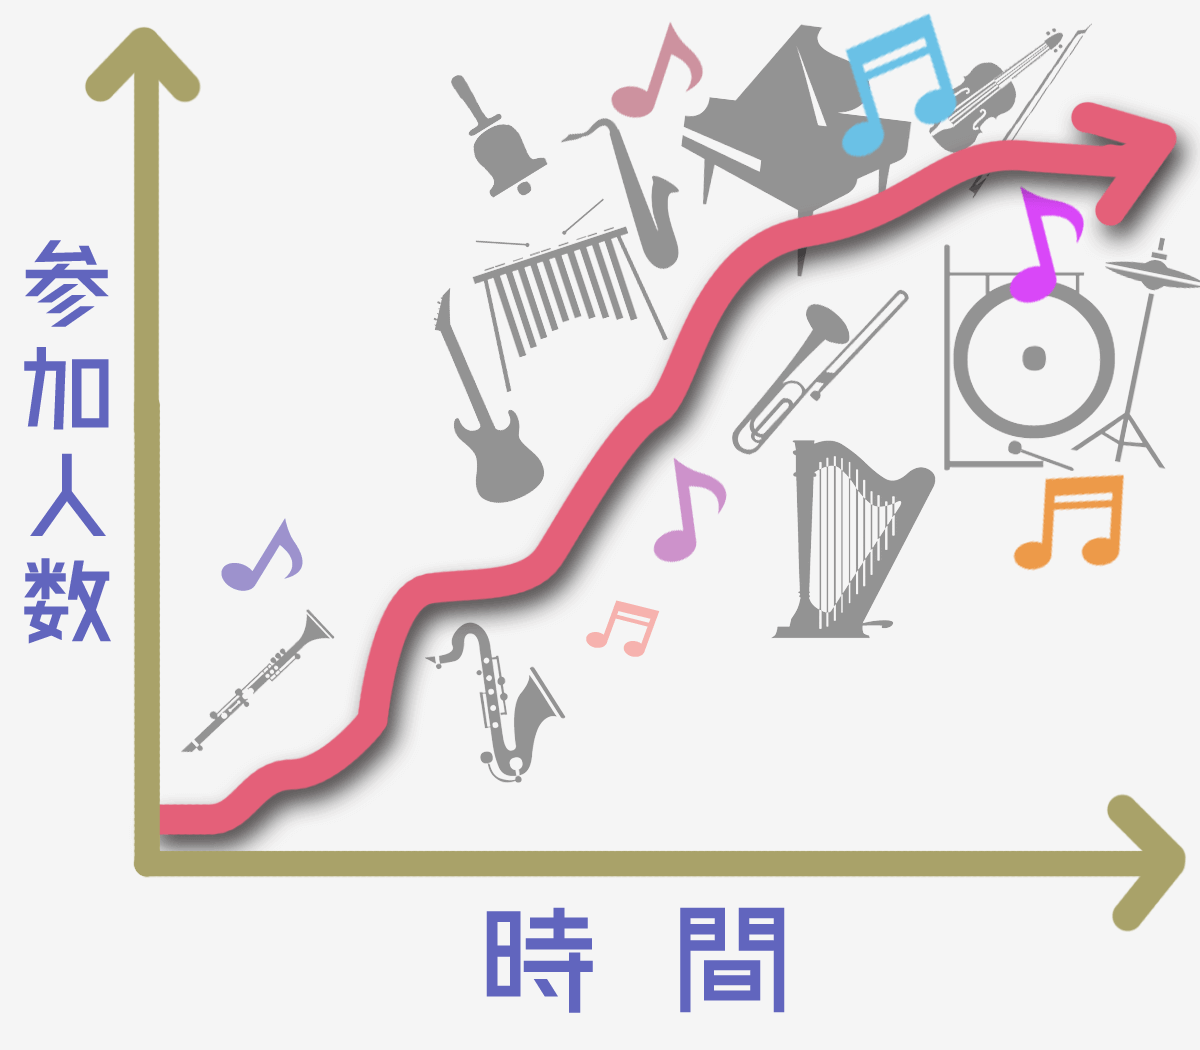 吹奏楽部グラフ11